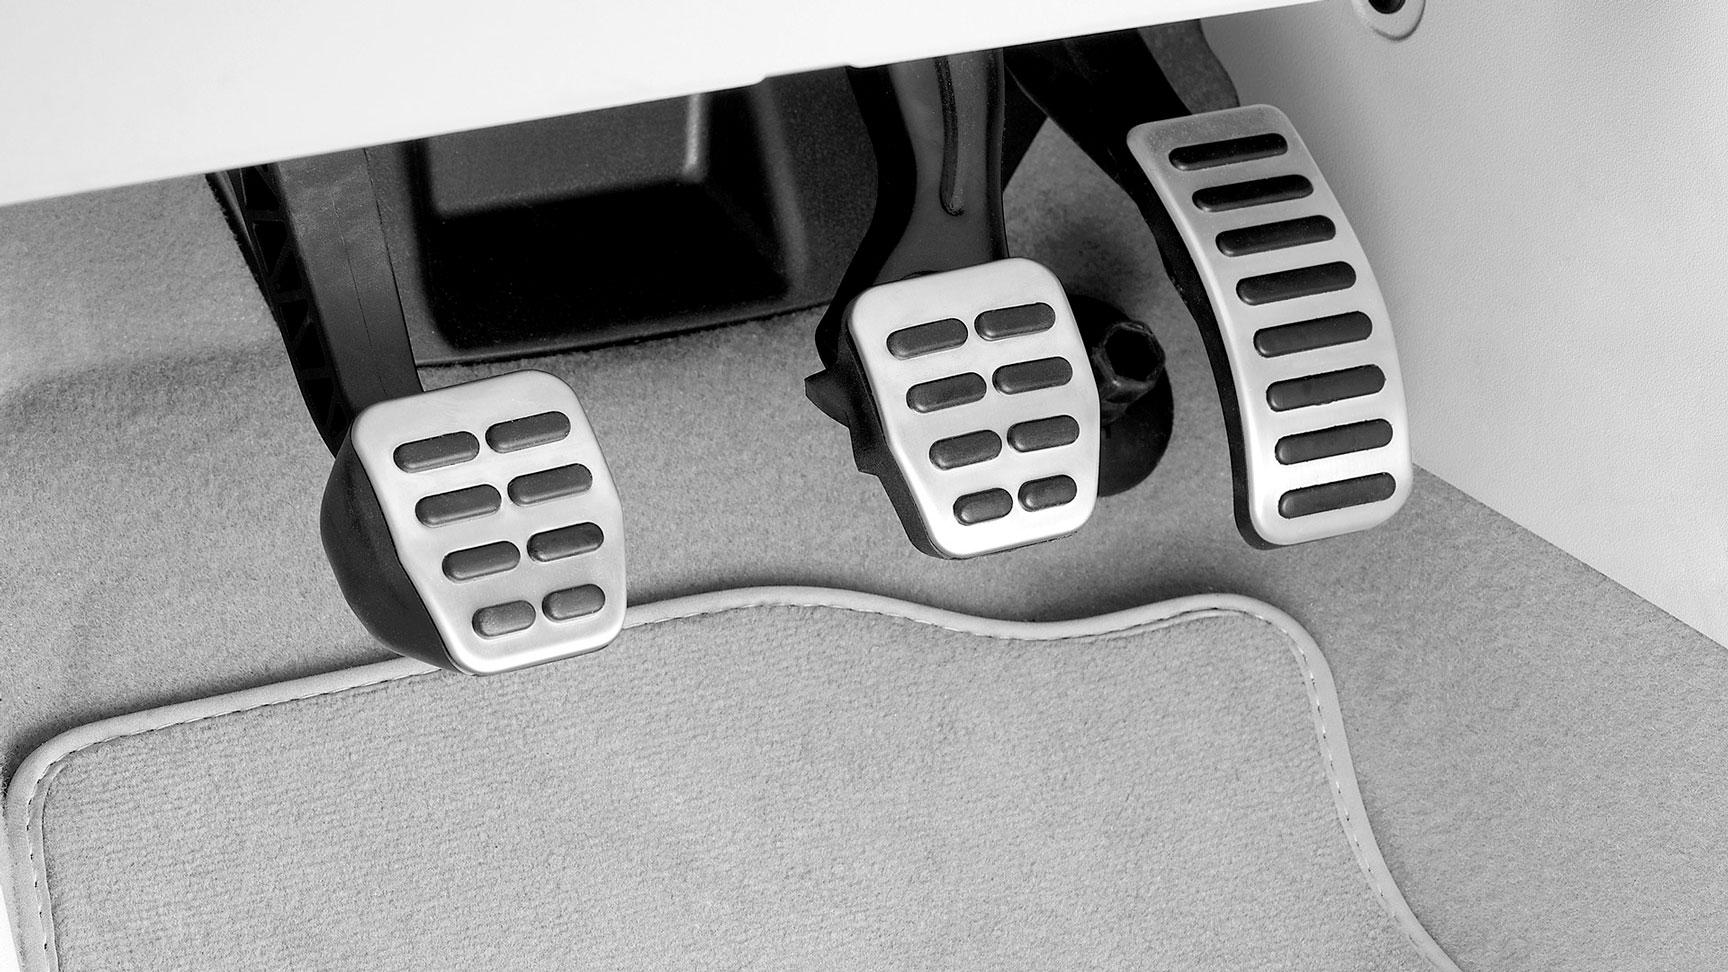 Pedales deportivos para Polo de Volkswagen originales y nuevos.